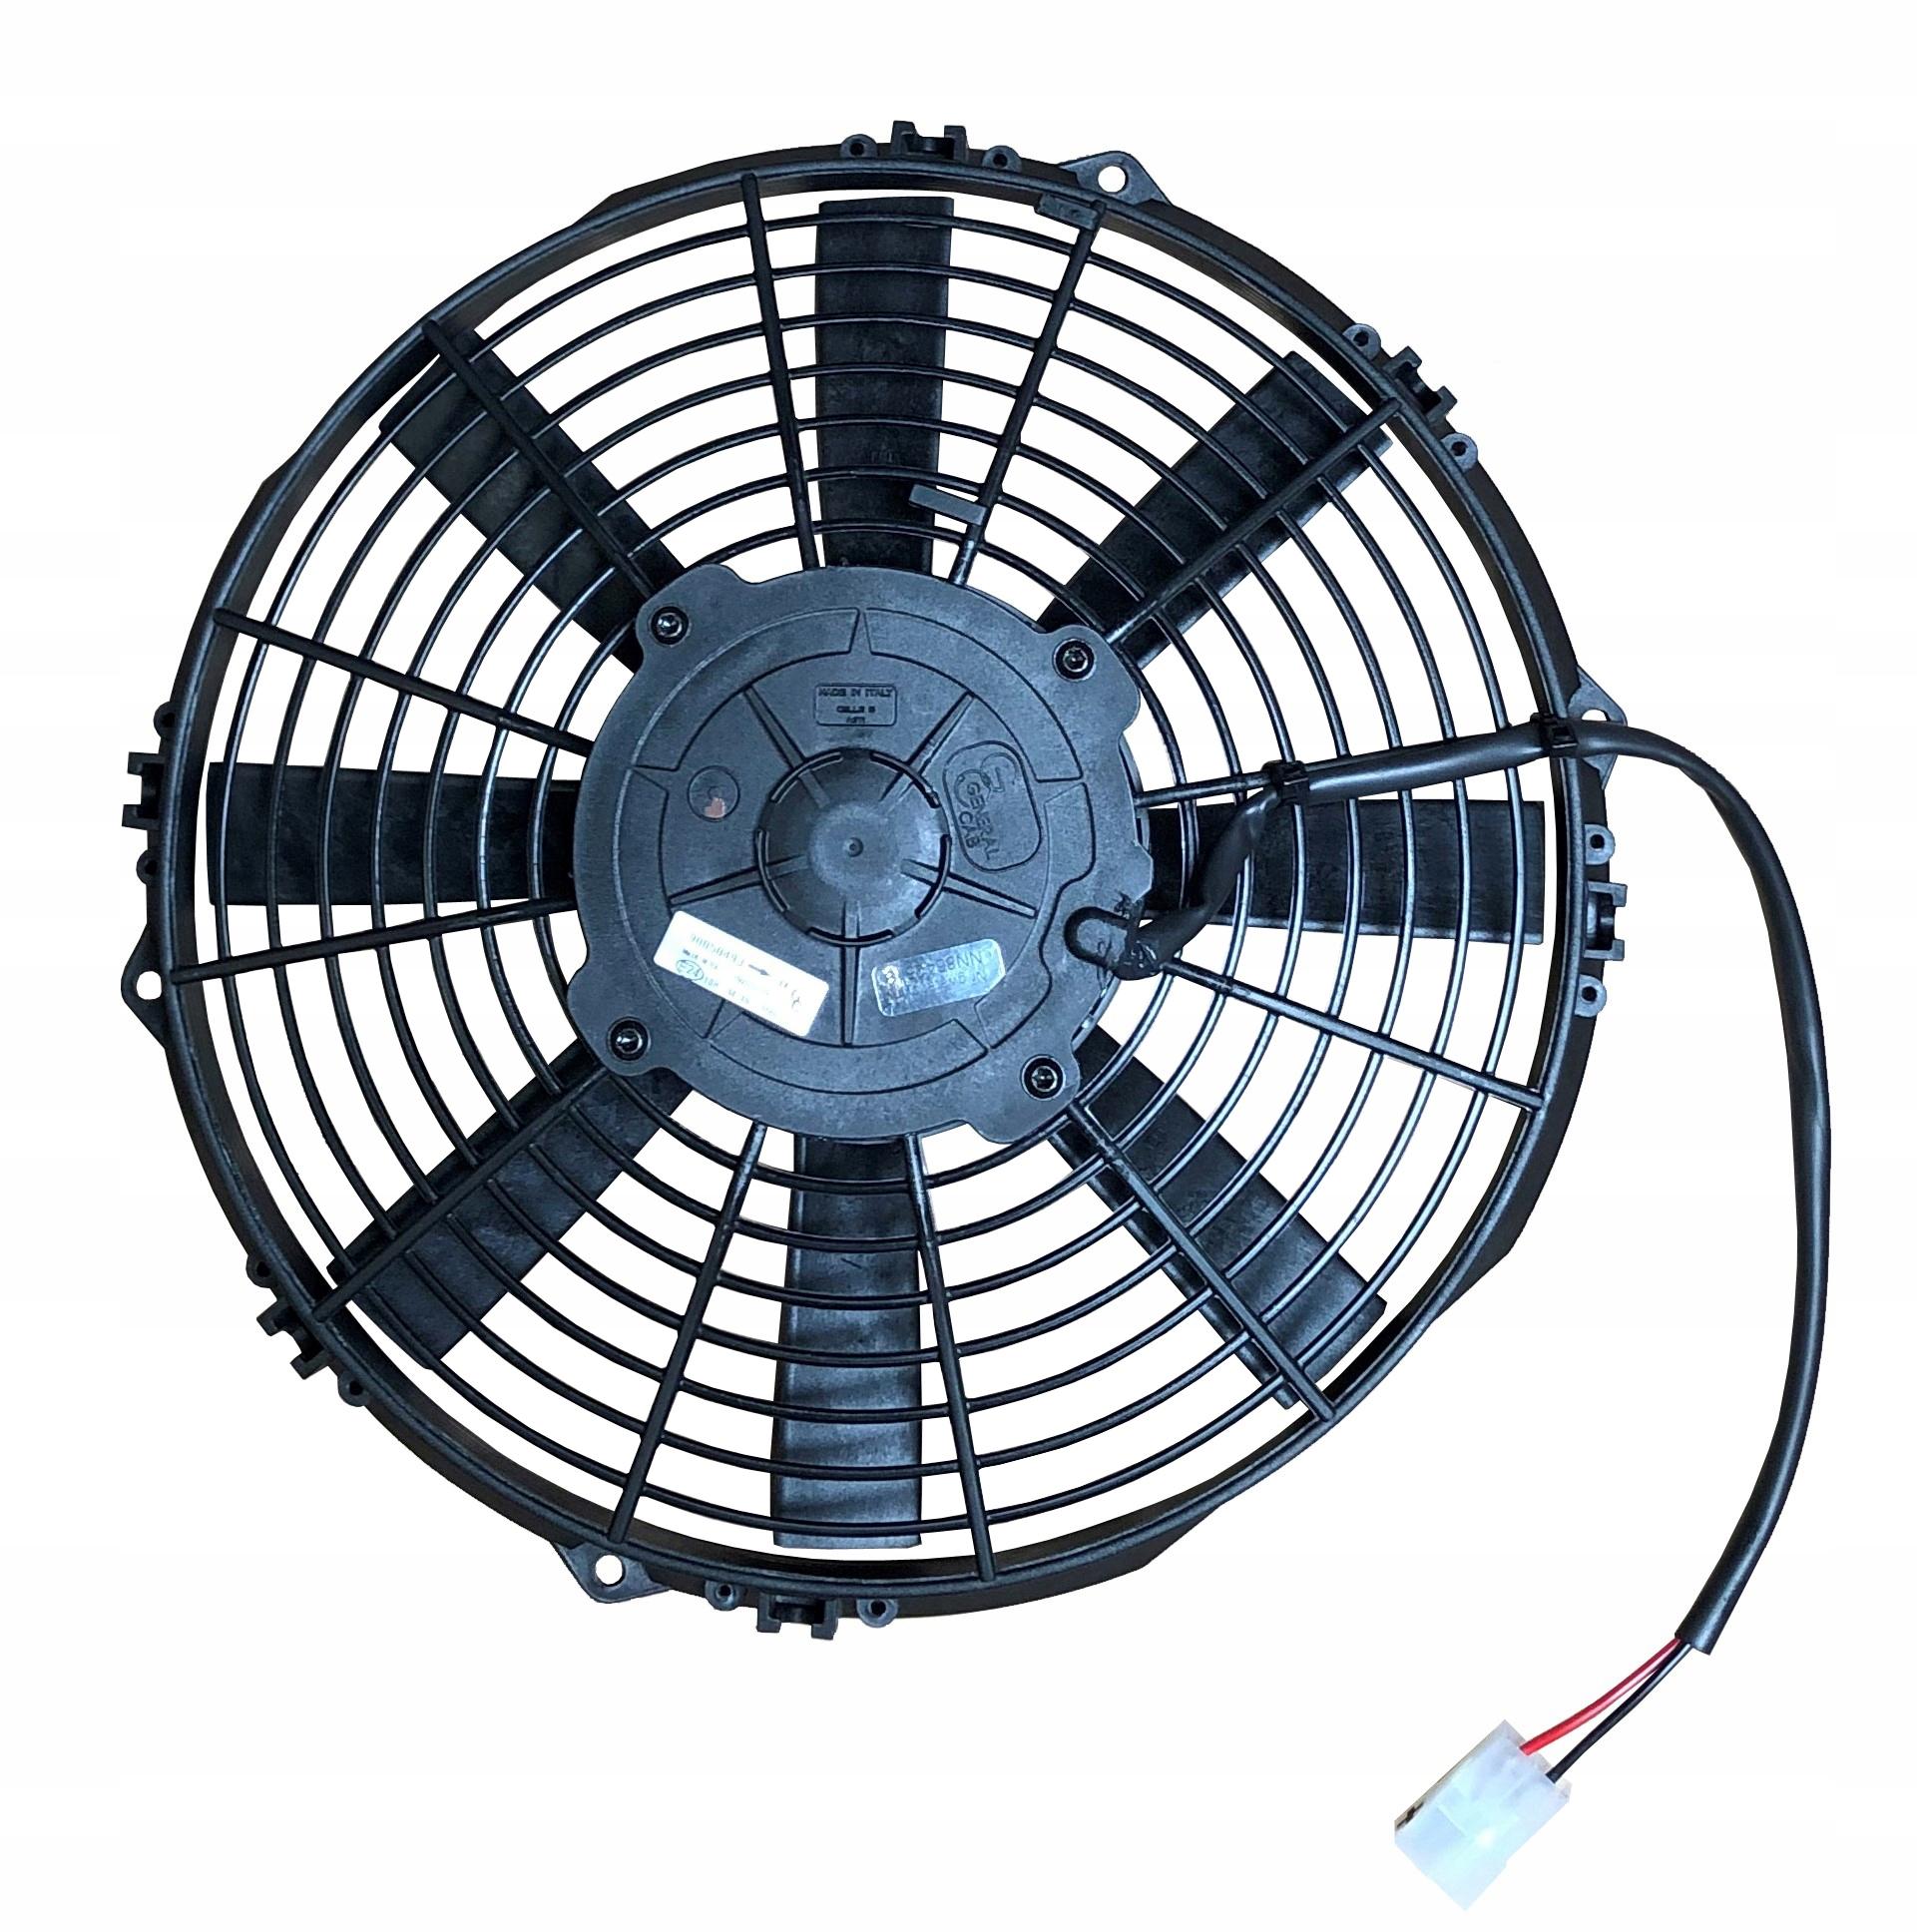 вентилятор осевой 24v 280mm 90050493 всасывающий